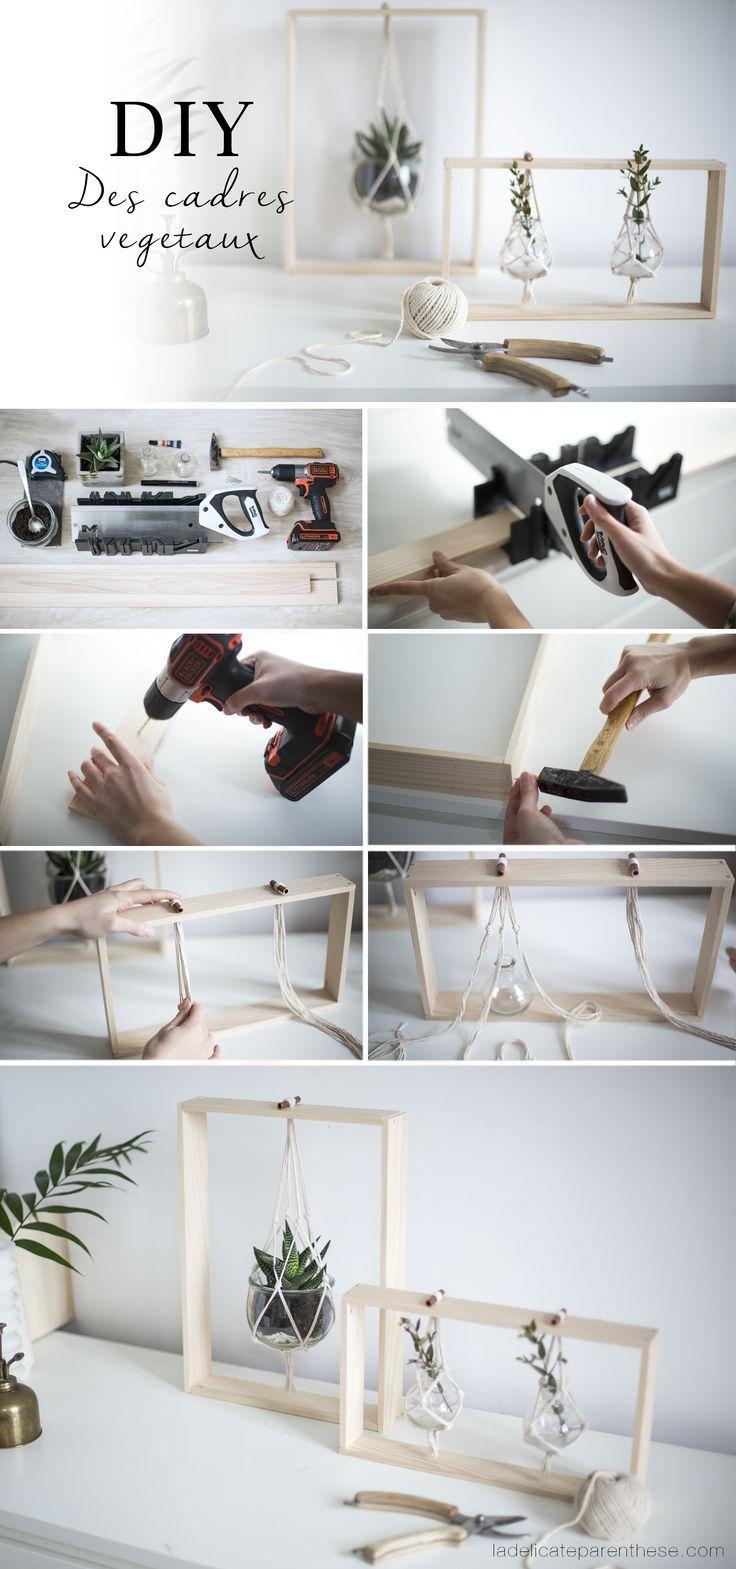 id e d coration salle de bain diy des cadres v g taux pour sublimer votre d coration. Black Bedroom Furniture Sets. Home Design Ideas